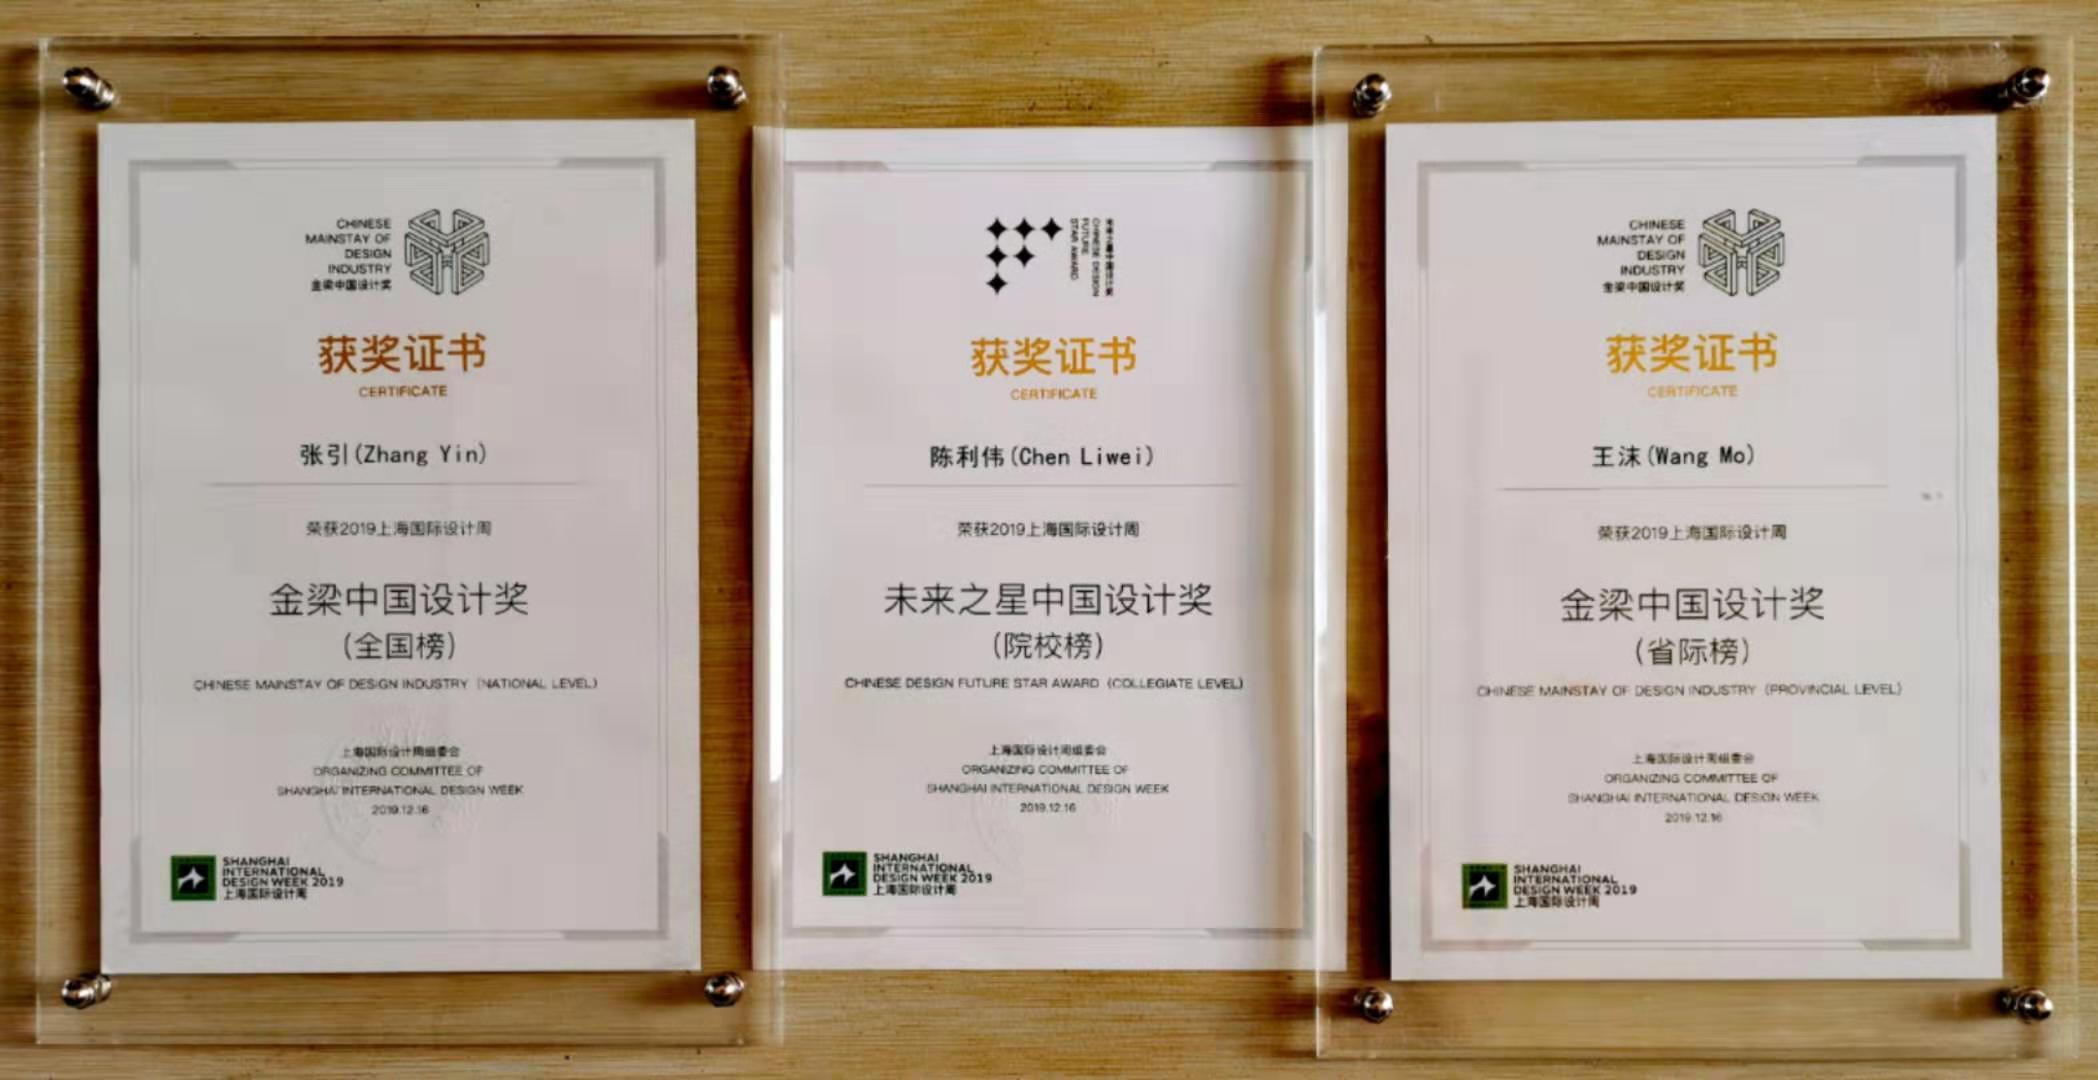 我校美術學院環境設計系師生在2019上海國際設計周榮獲佳績